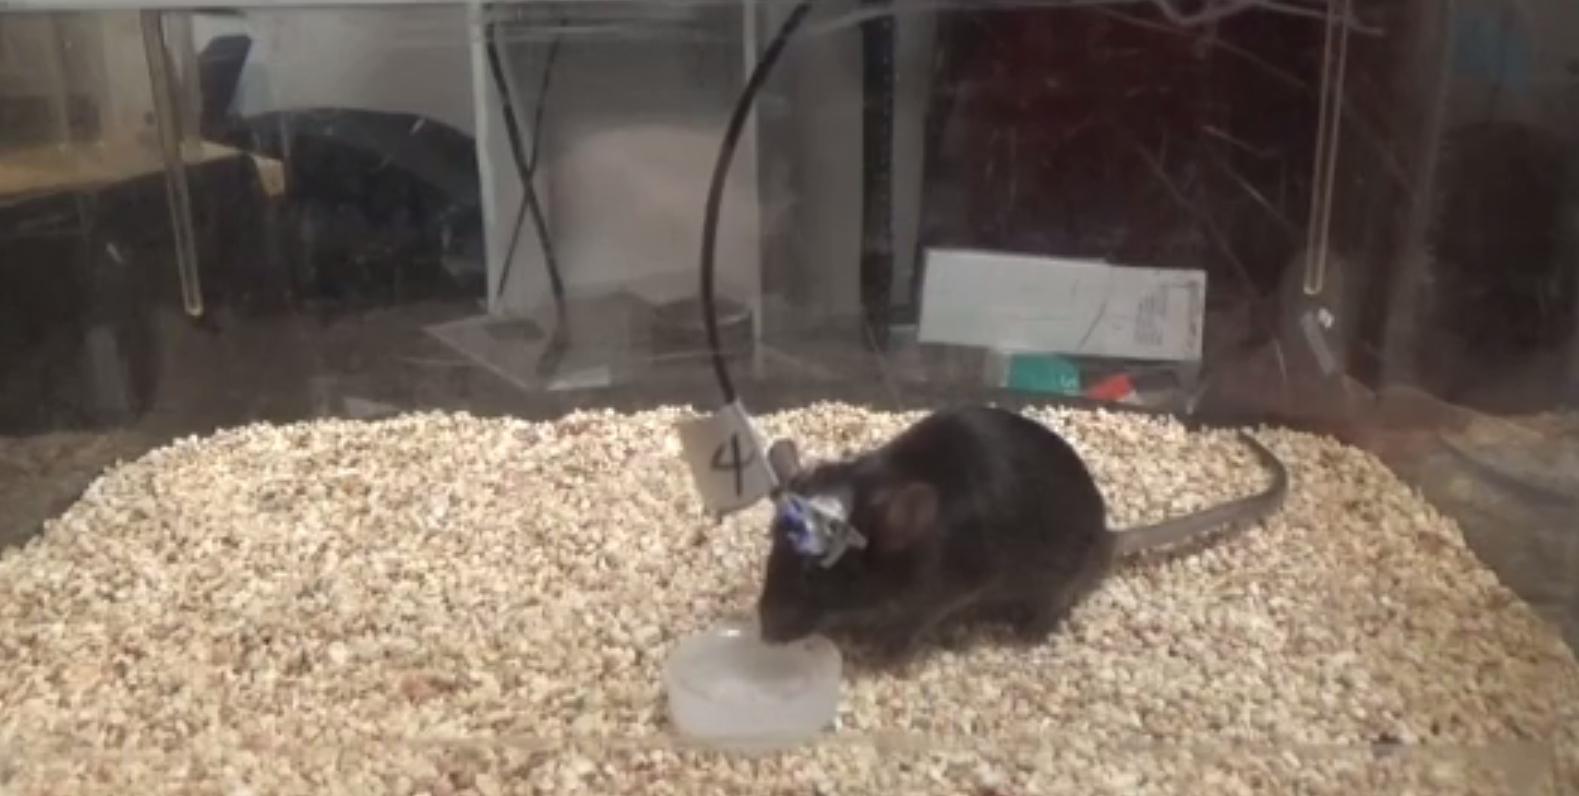 Мышь пьёт воду, потому что учёные «включили» нейроны, отвечающие за ощущение жажды.